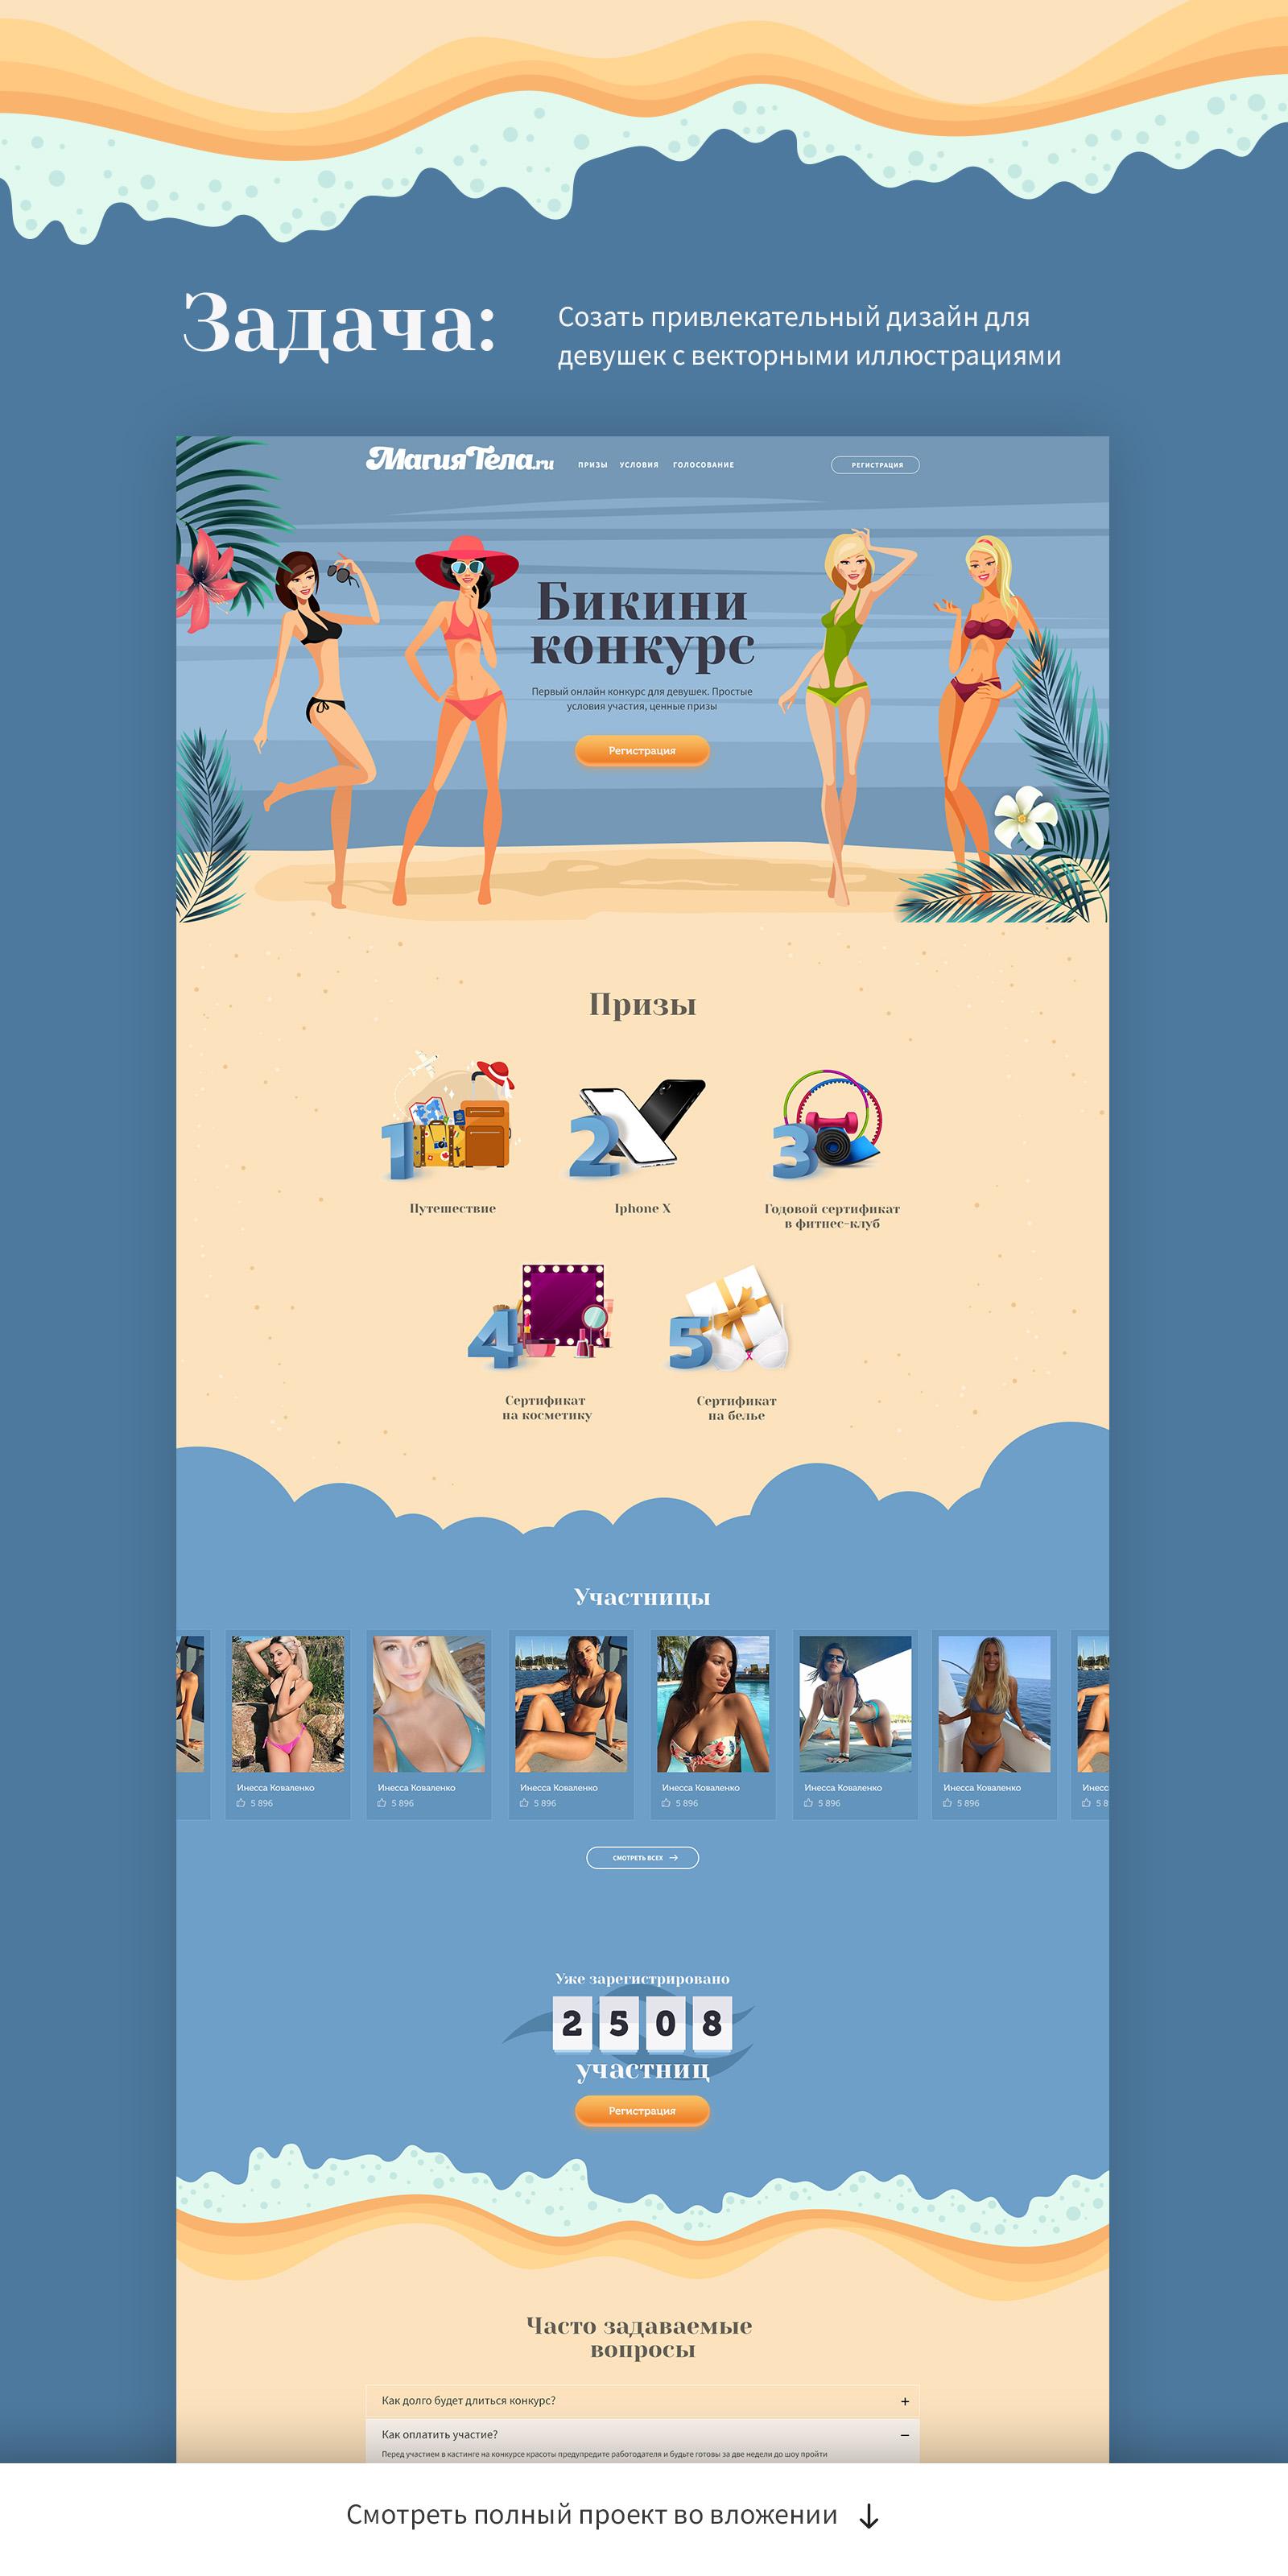 Дизайн сайта-конкурса для девушек